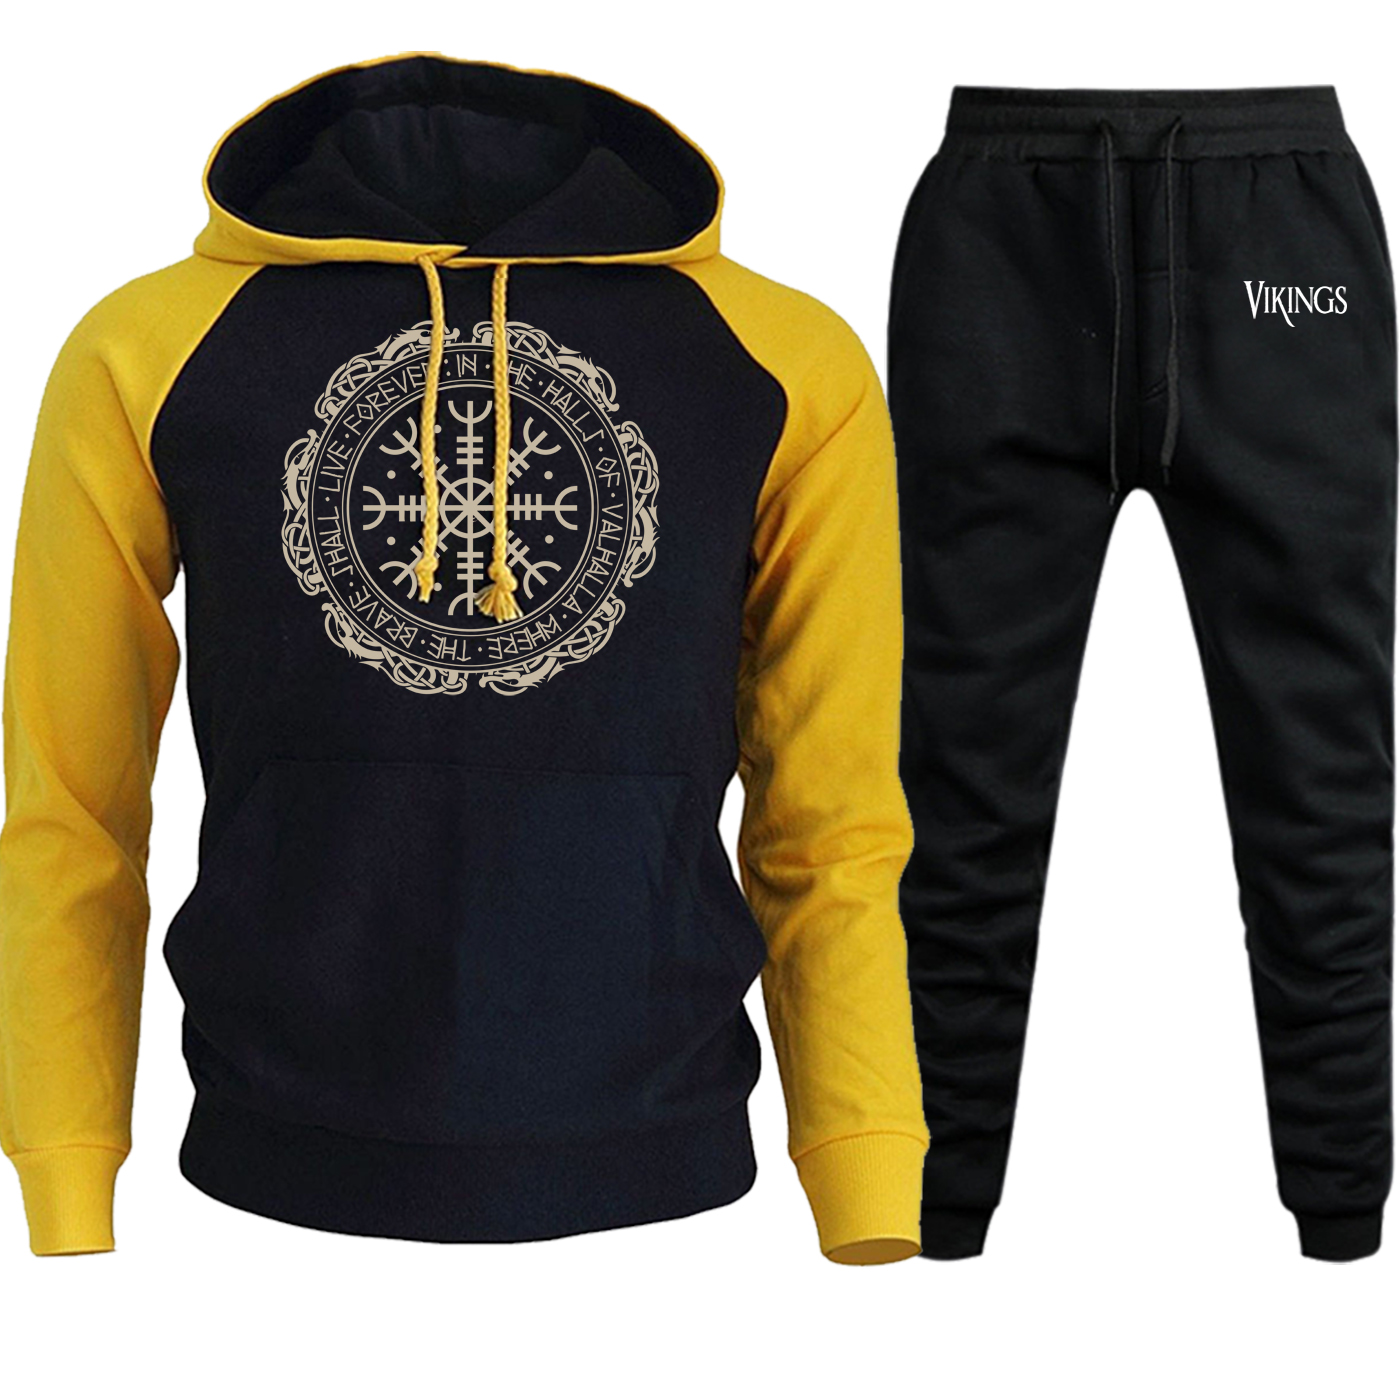 New Autumn Winter 2019 Streetwear Mens Hoodies Raglan Vikings Vintage Casual Pullover Suit Male Fleece Hooded+Pants 2 Piece Set